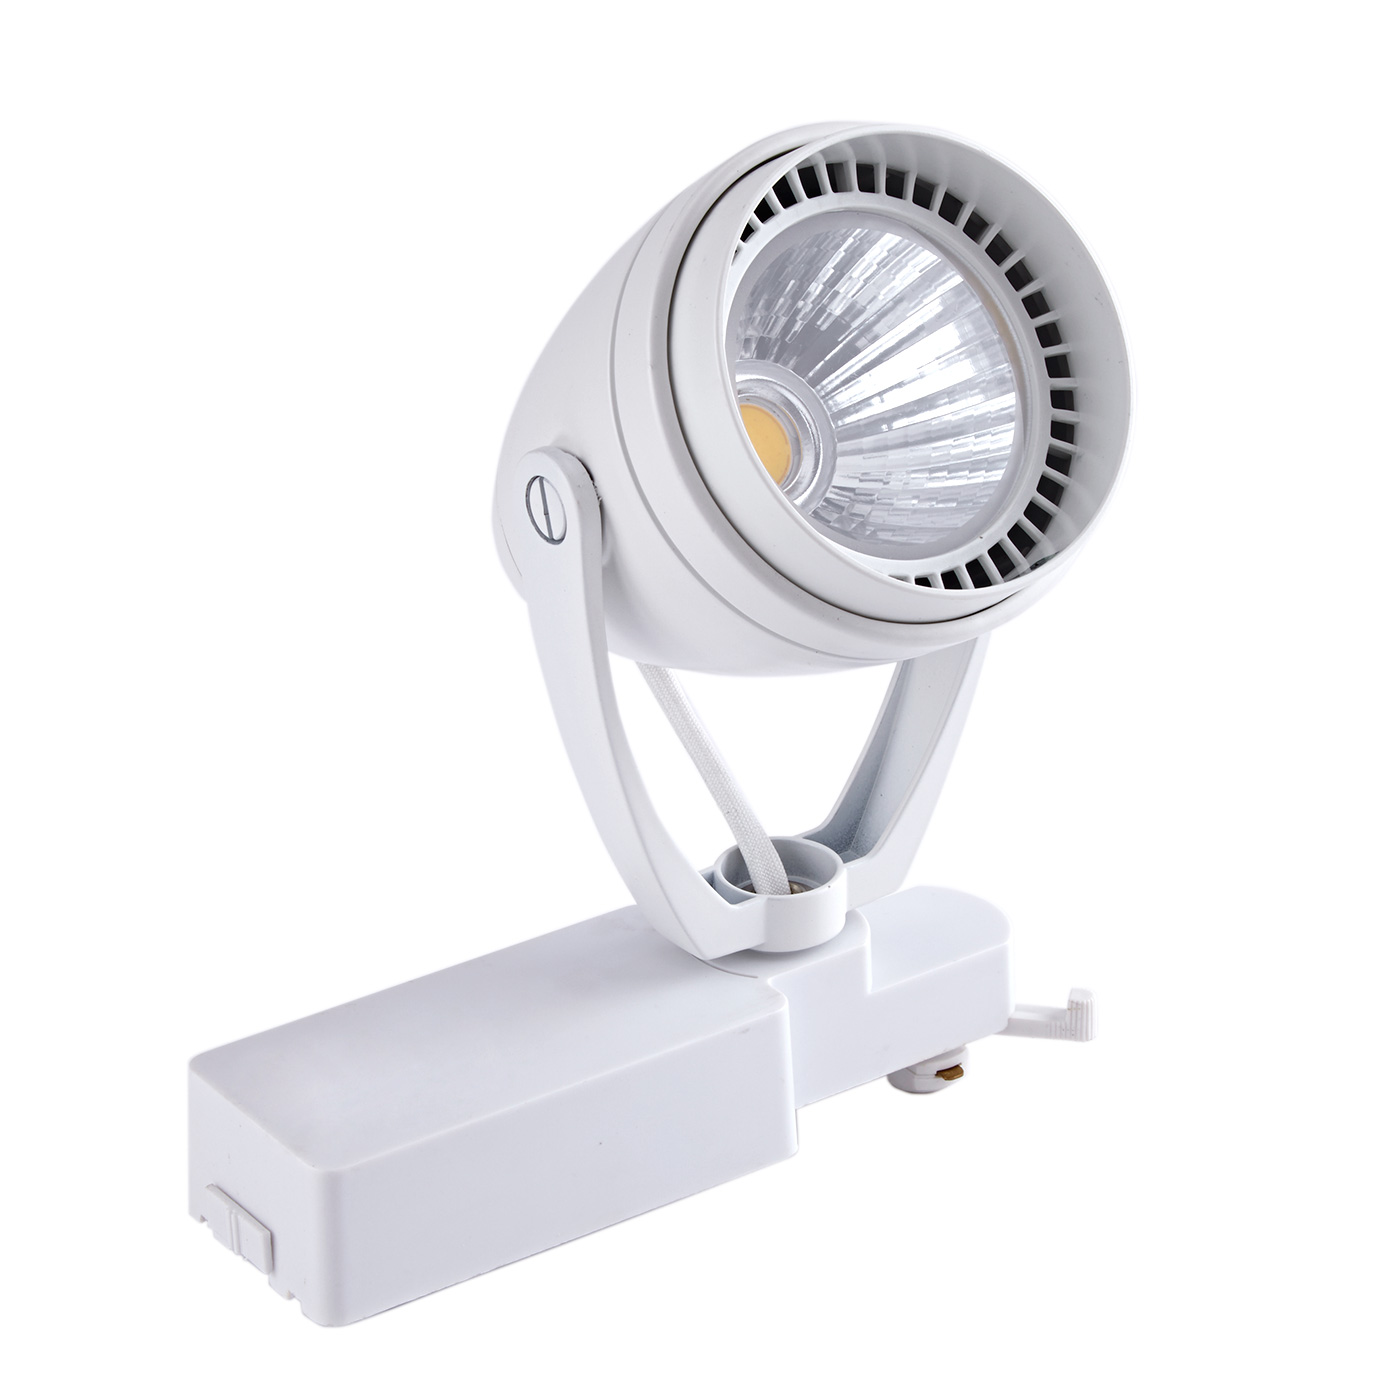 Biard Faretto Spot LED 12W per Binario